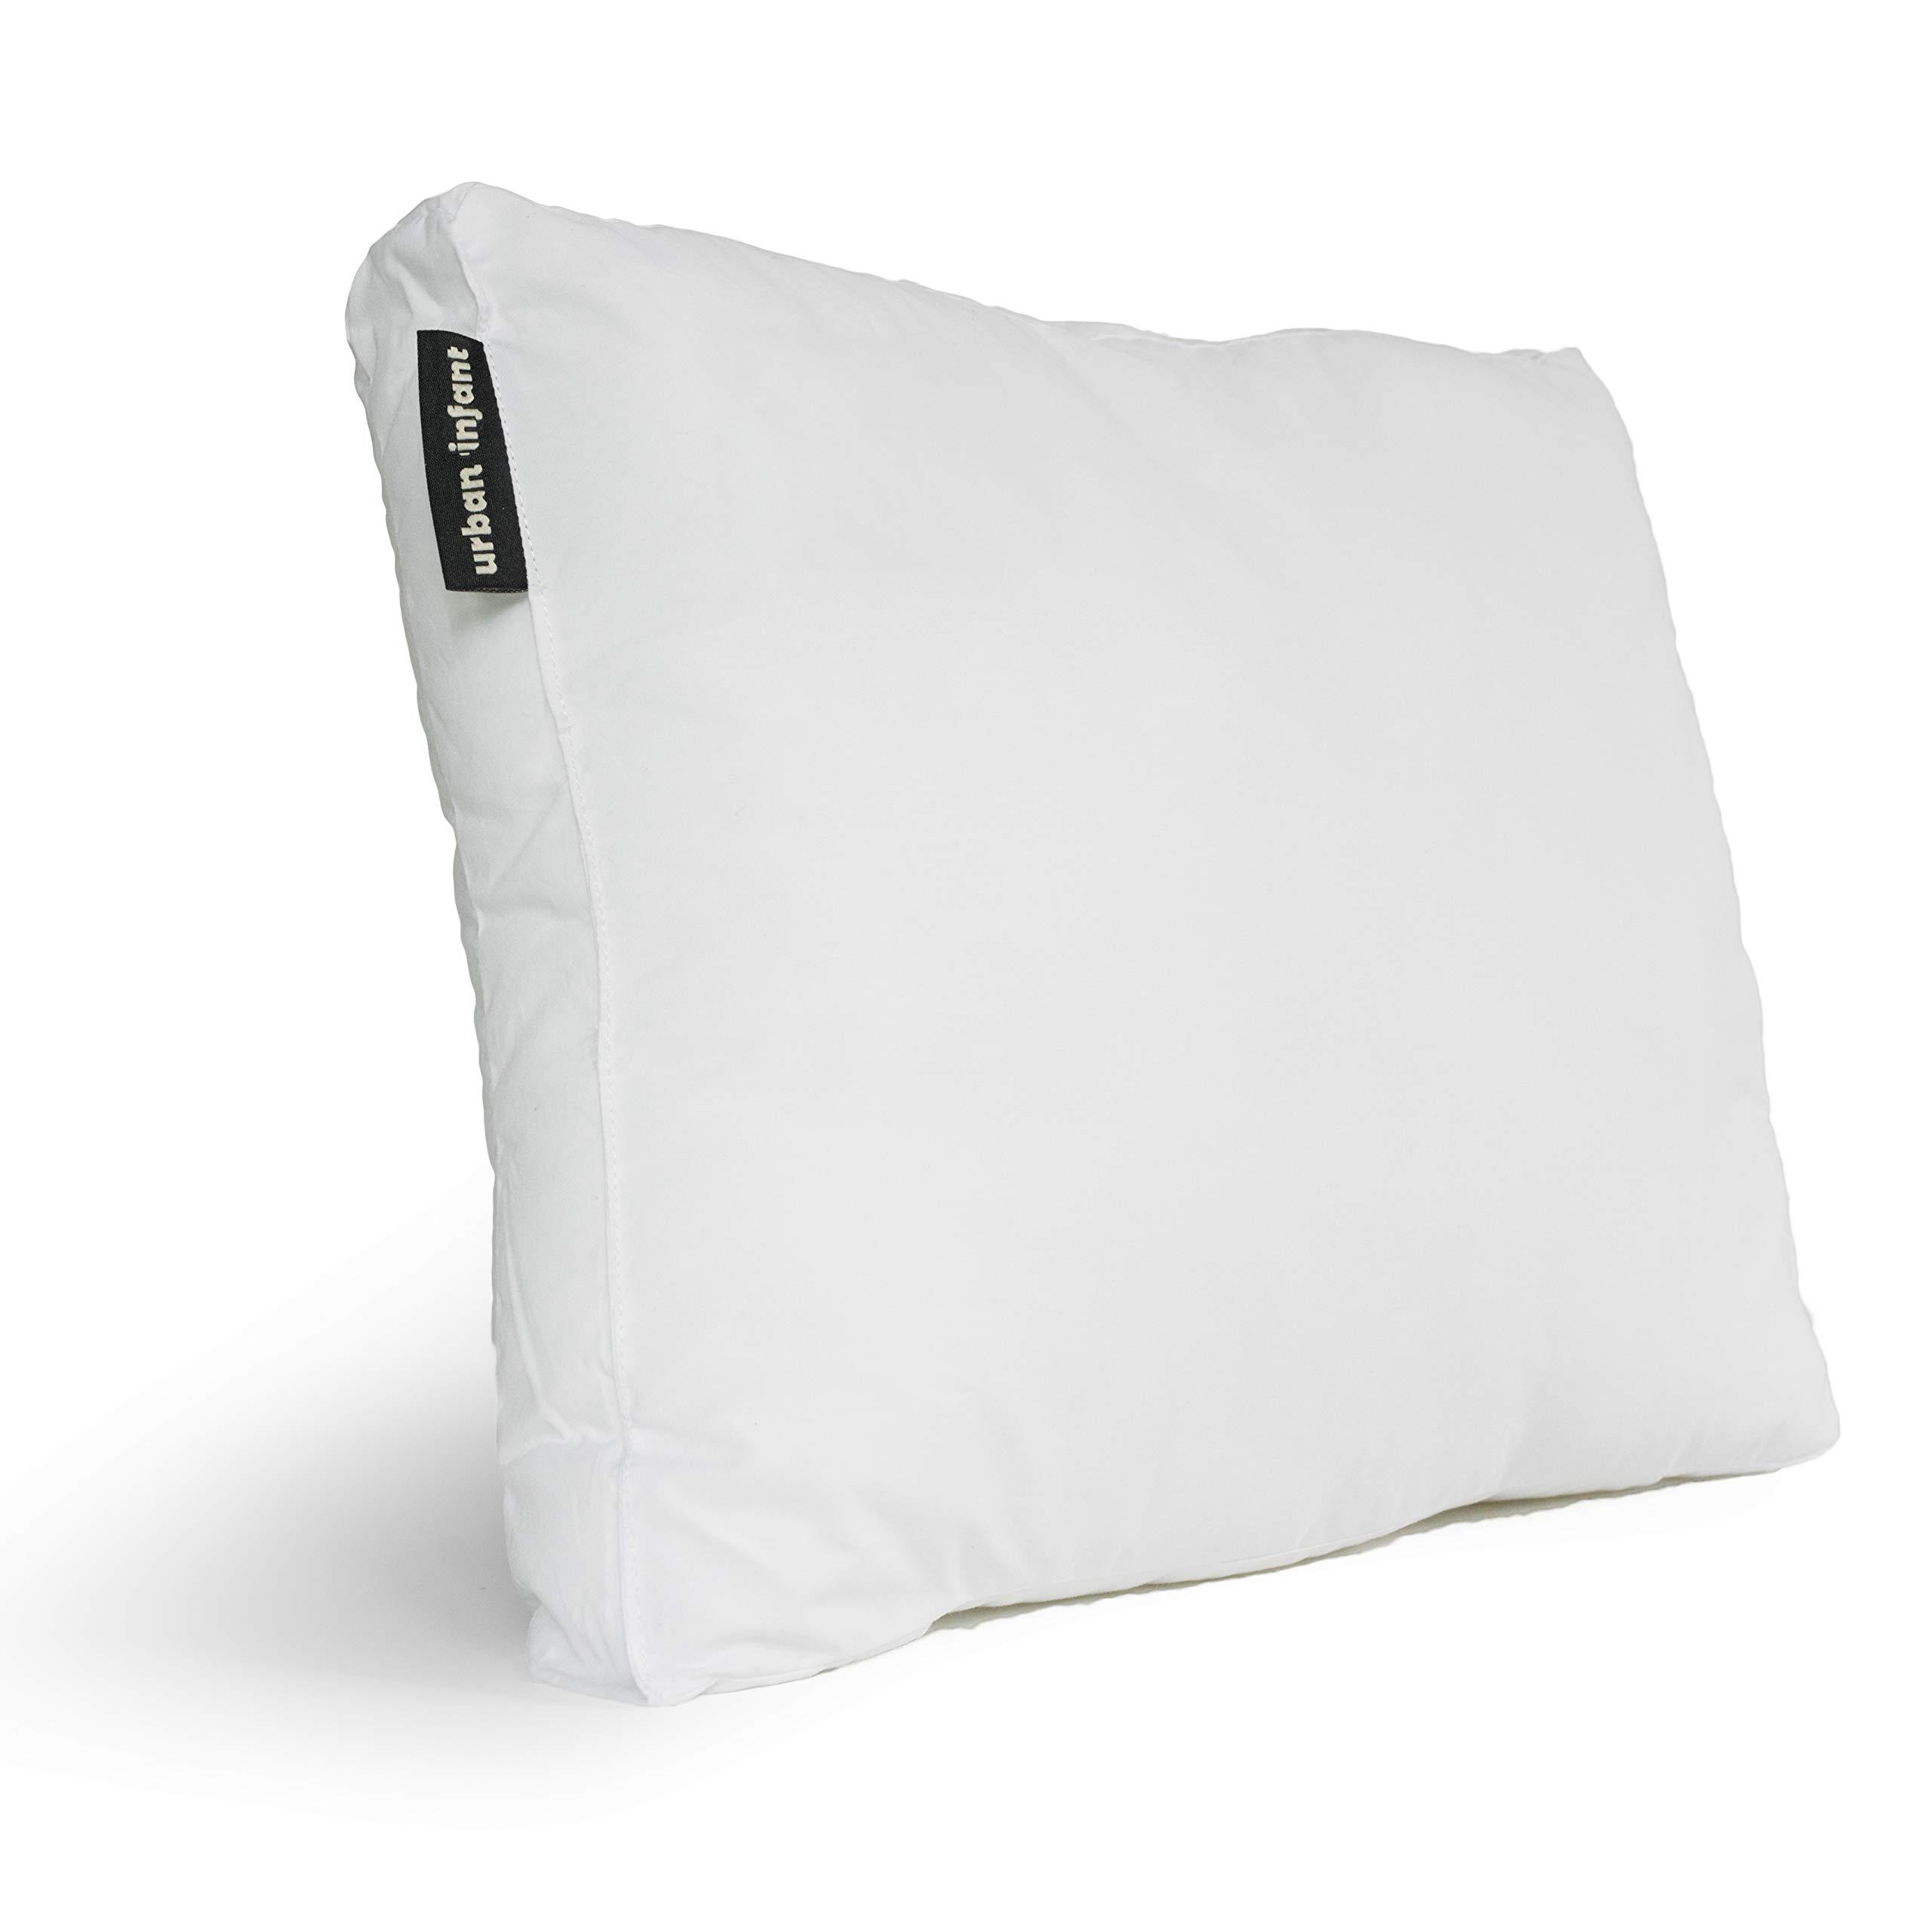 Toddler 40cm x 60cm Hollowfibre Junior Cot Bed 100/% Luxury Fine Cotton Pillow